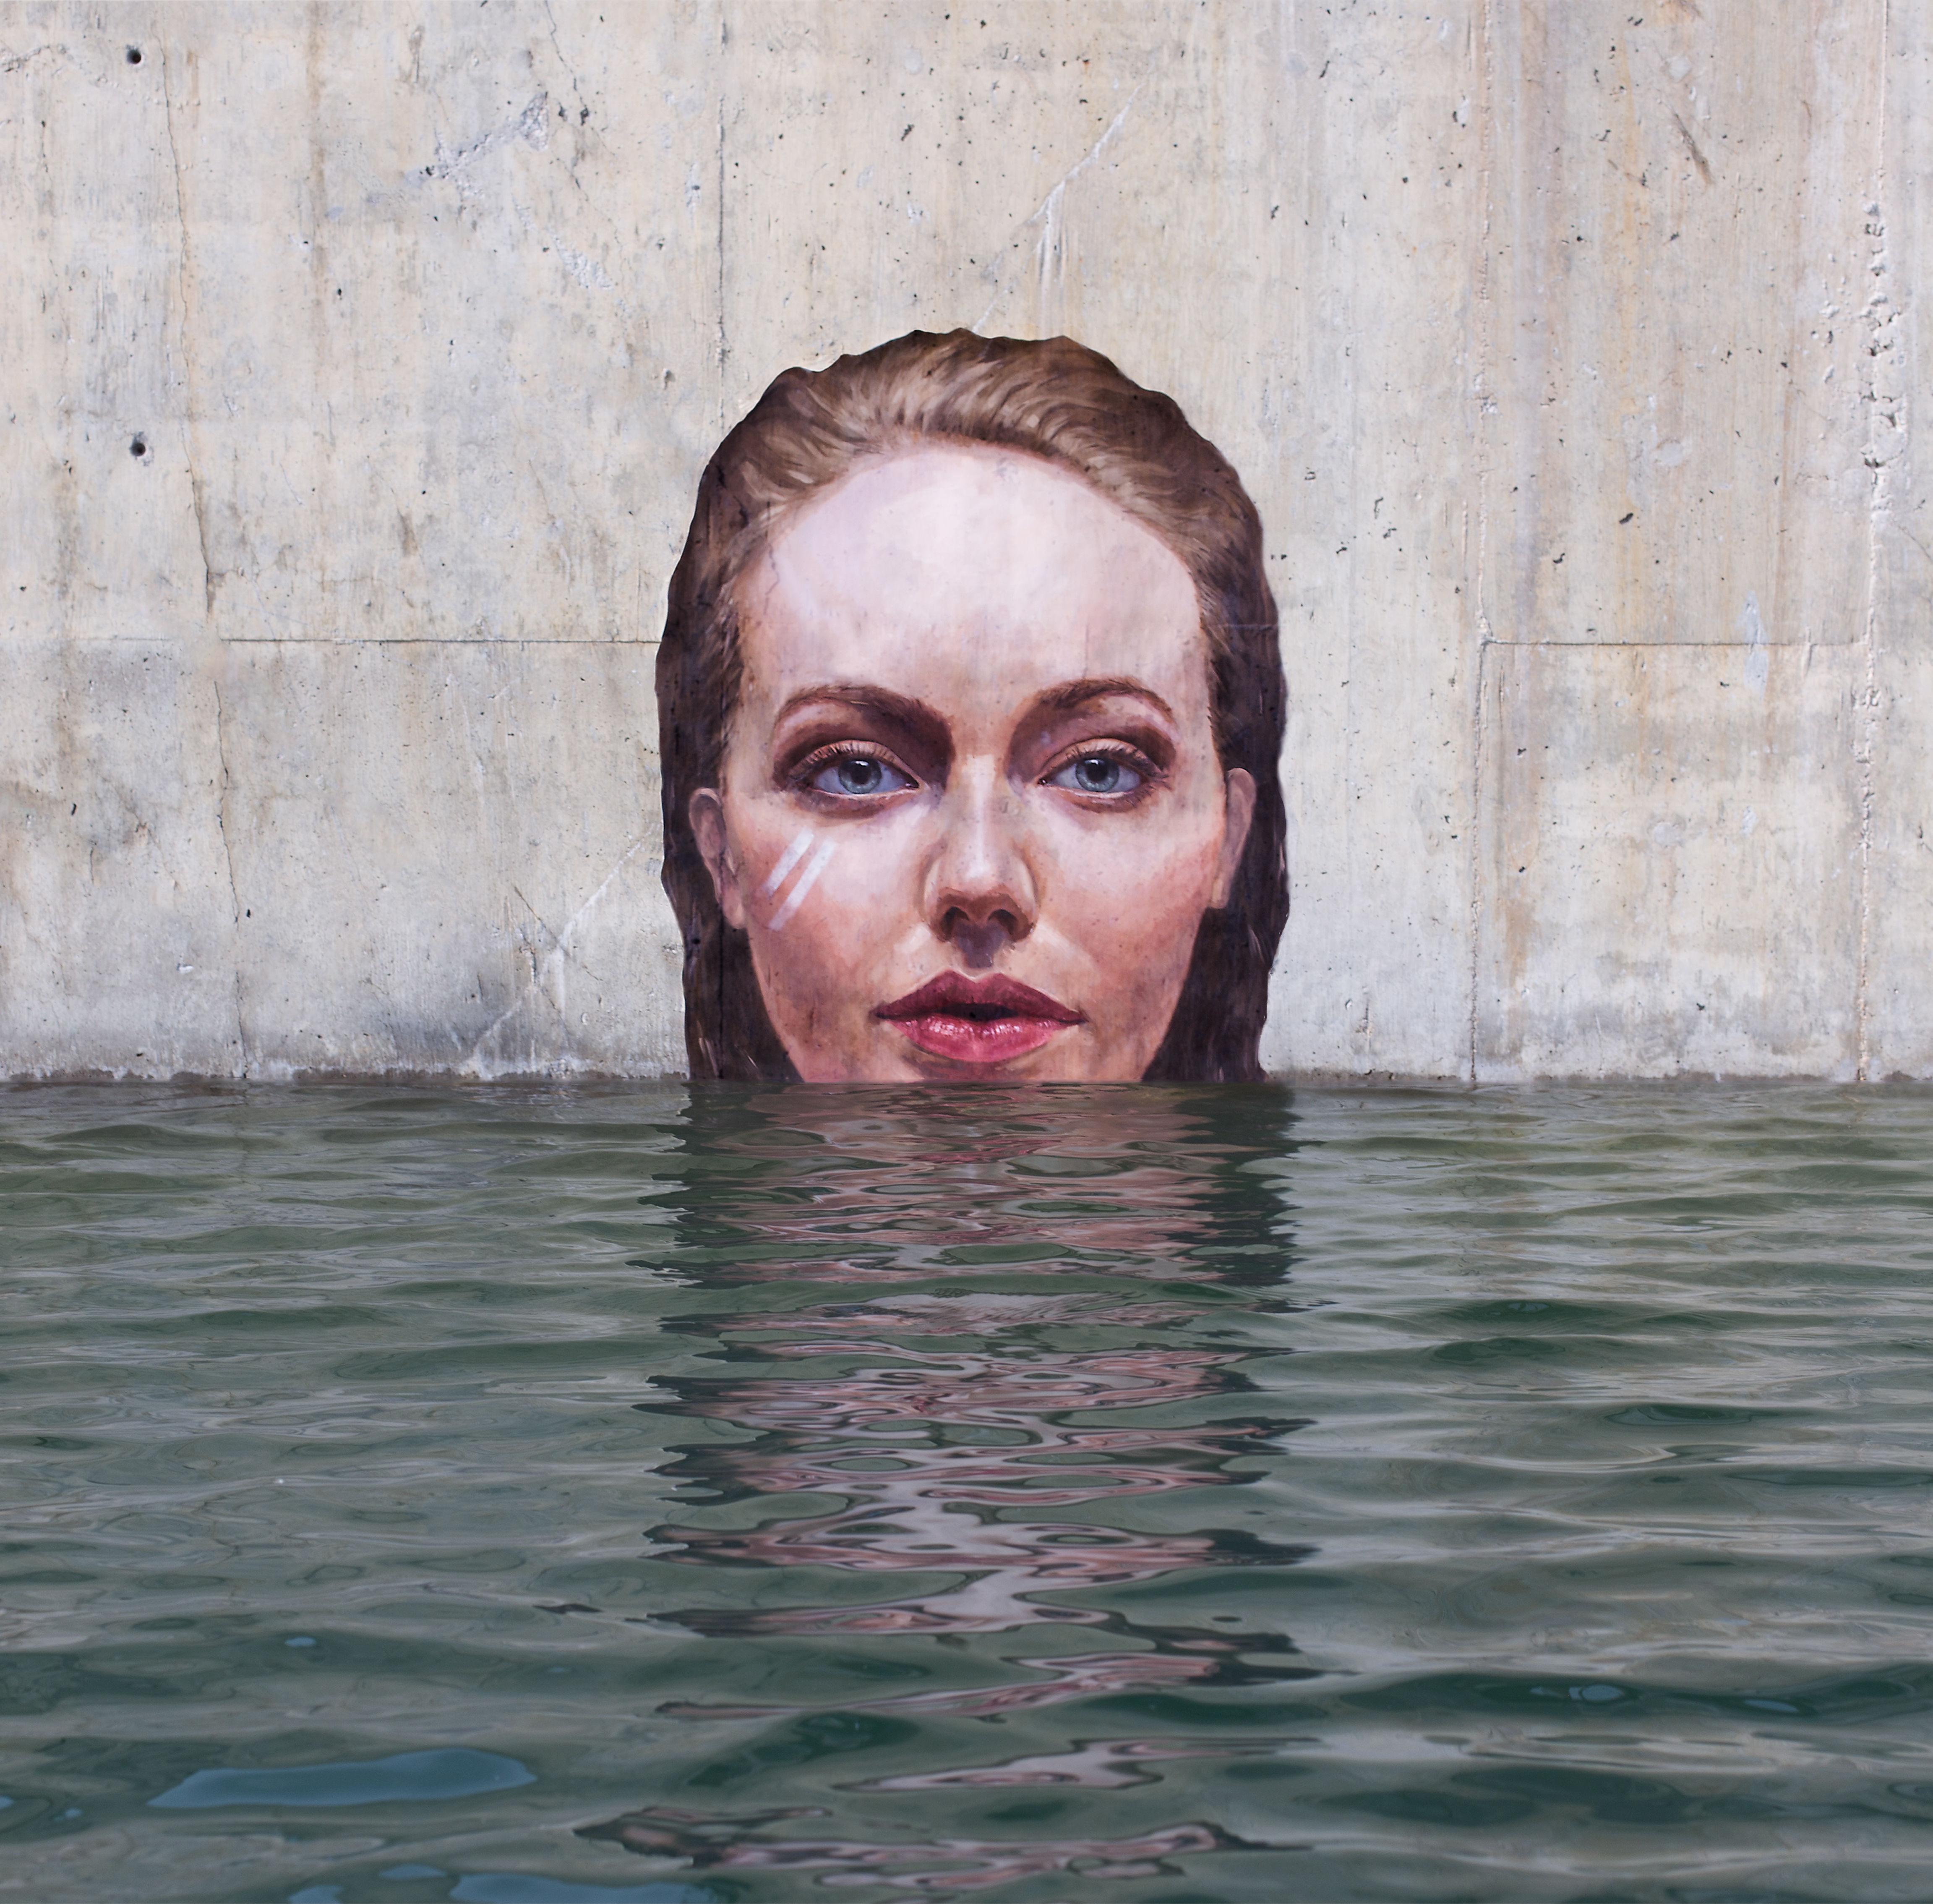 ハワイ生まれのSUPアーティストが描く水面ギリギリの芸術